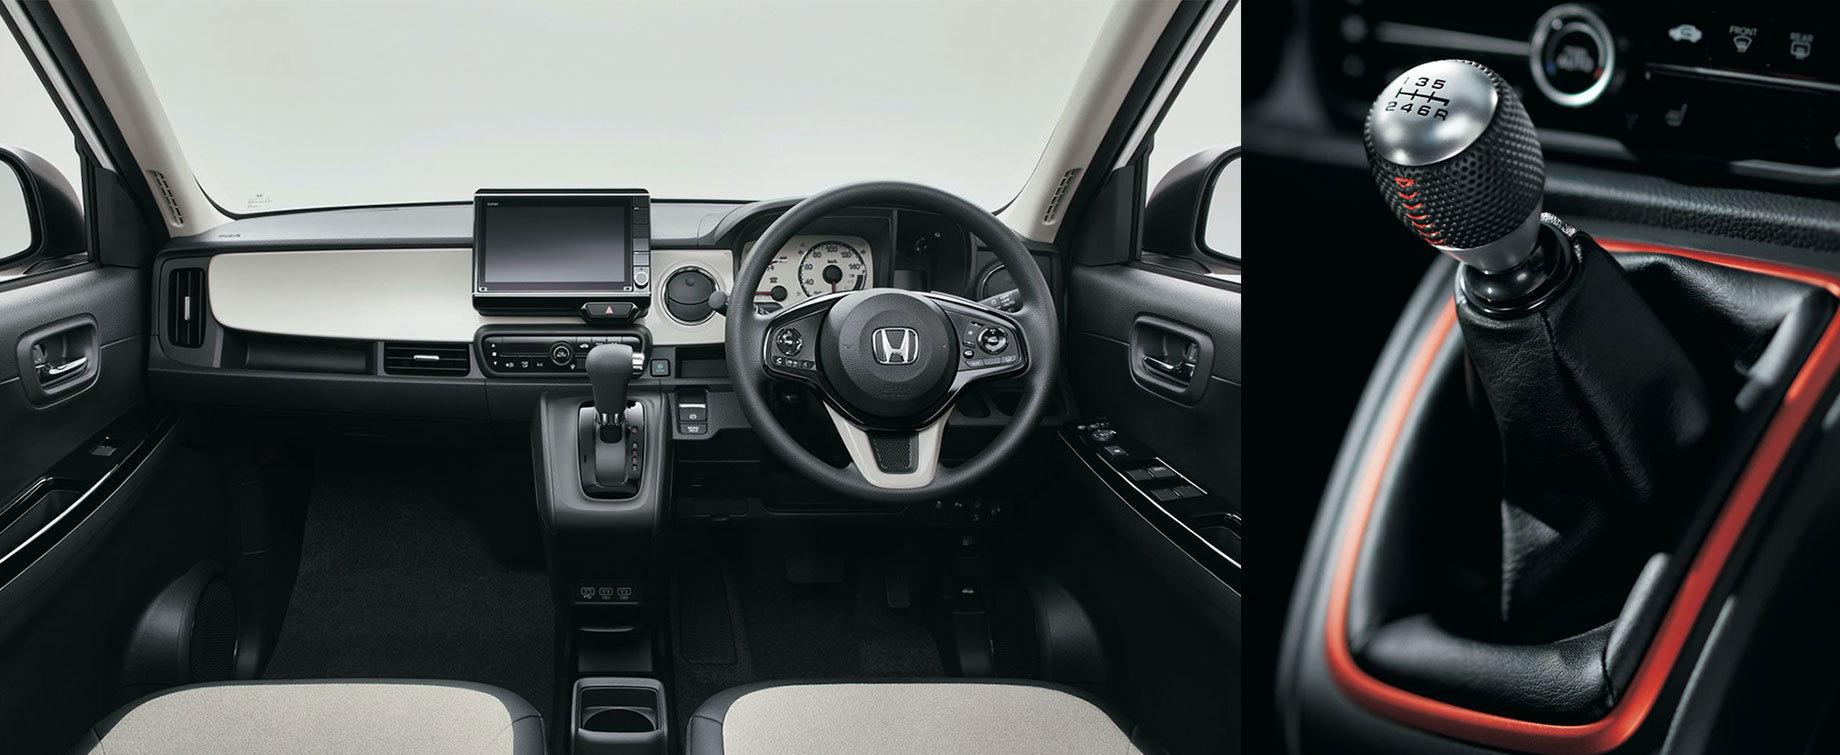 Кей-кар Honda N-ONE второго поколения стал ближе кспорту